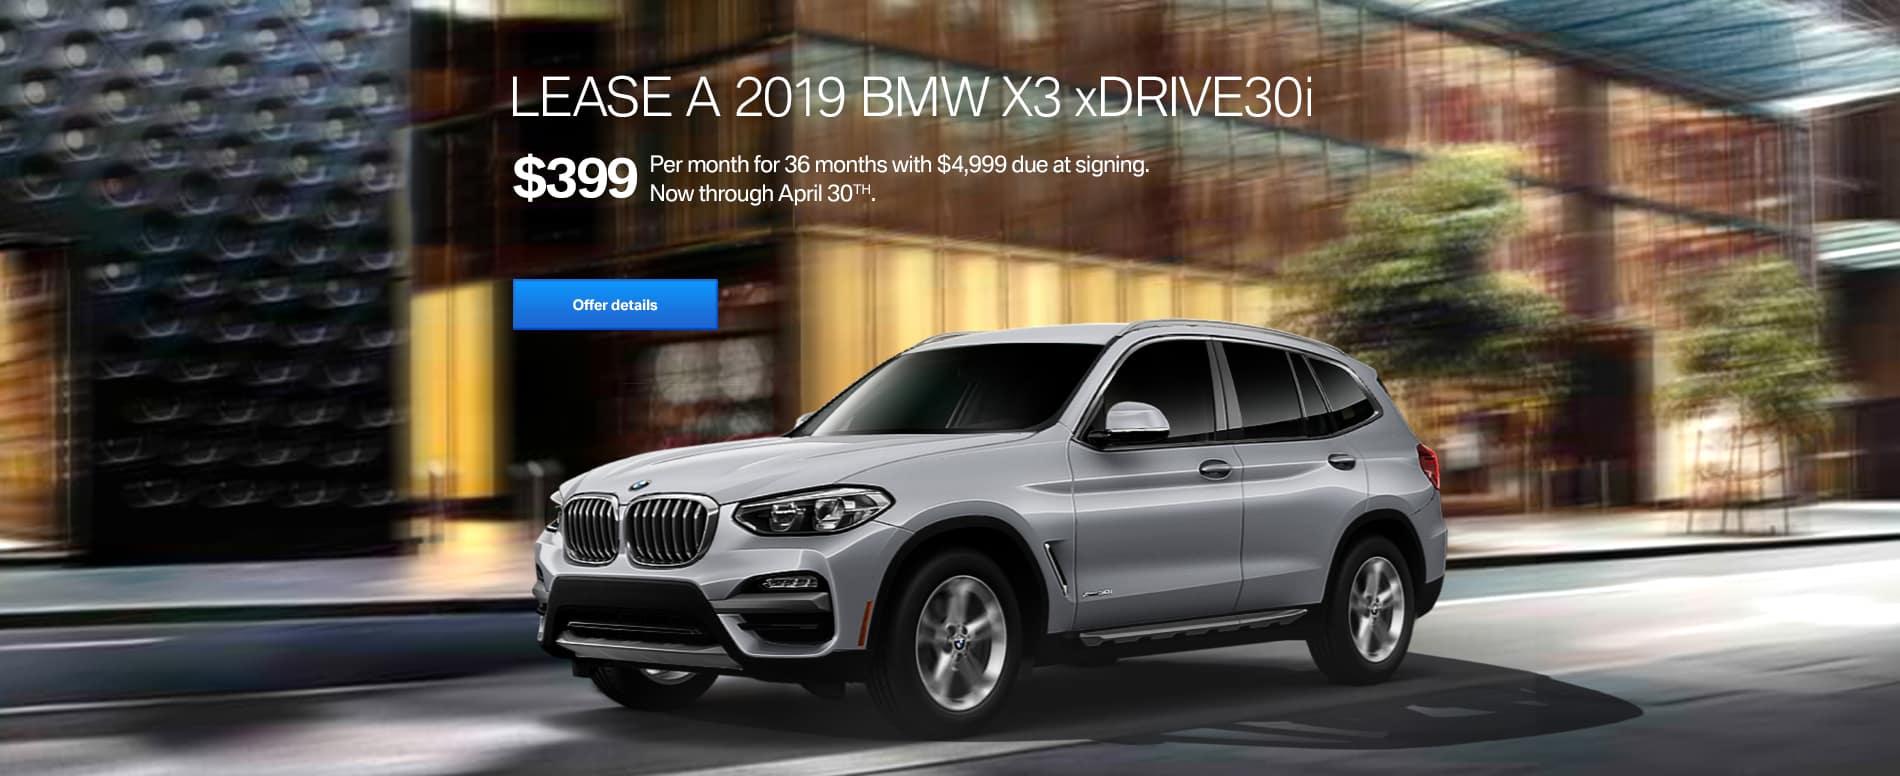 2019-bmw-x3-xdrive30i